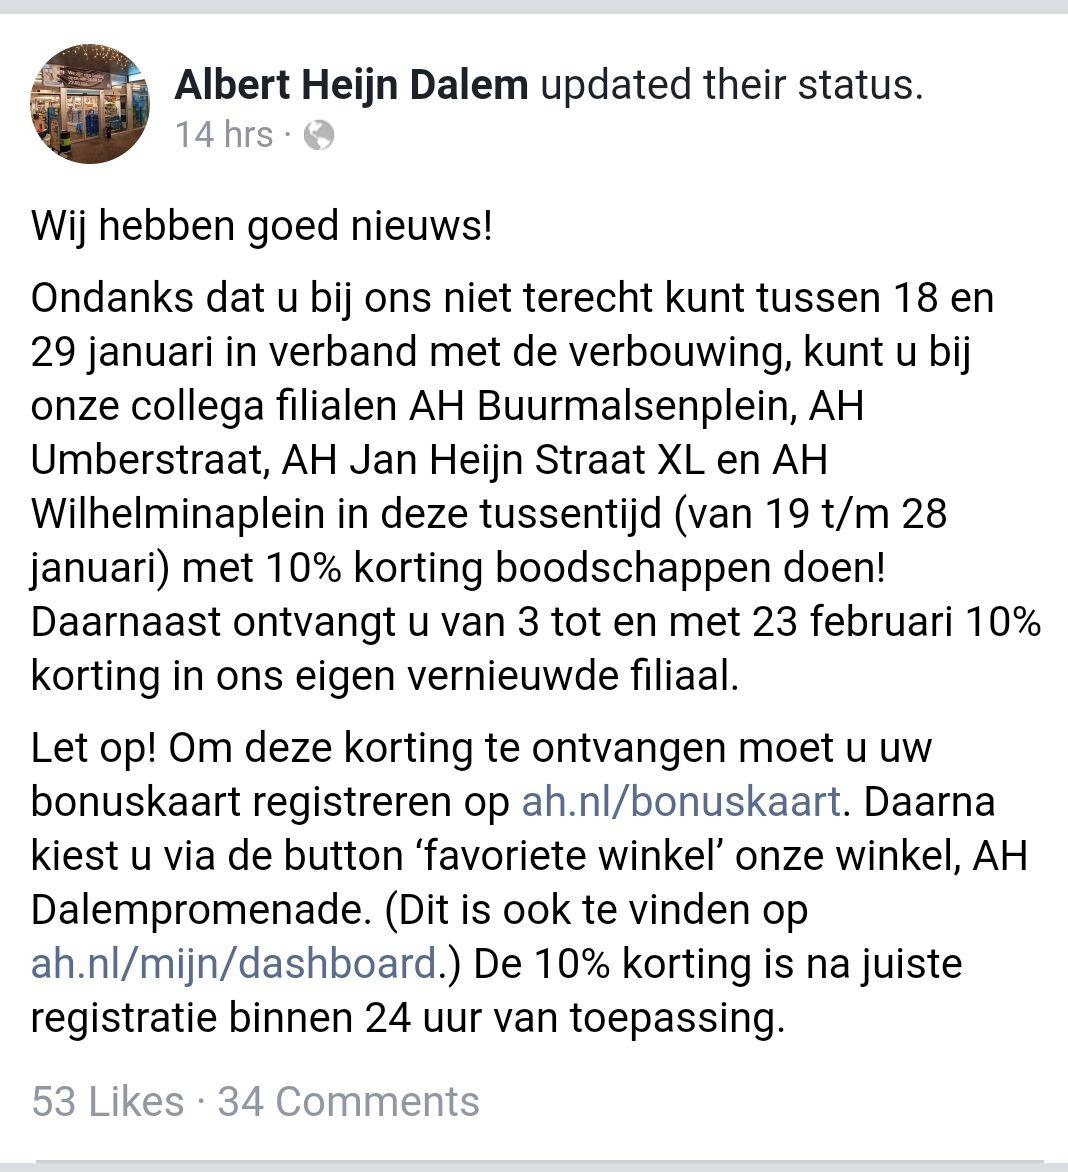 10% korting bij Albert Heijn in Tilburg + Rijen